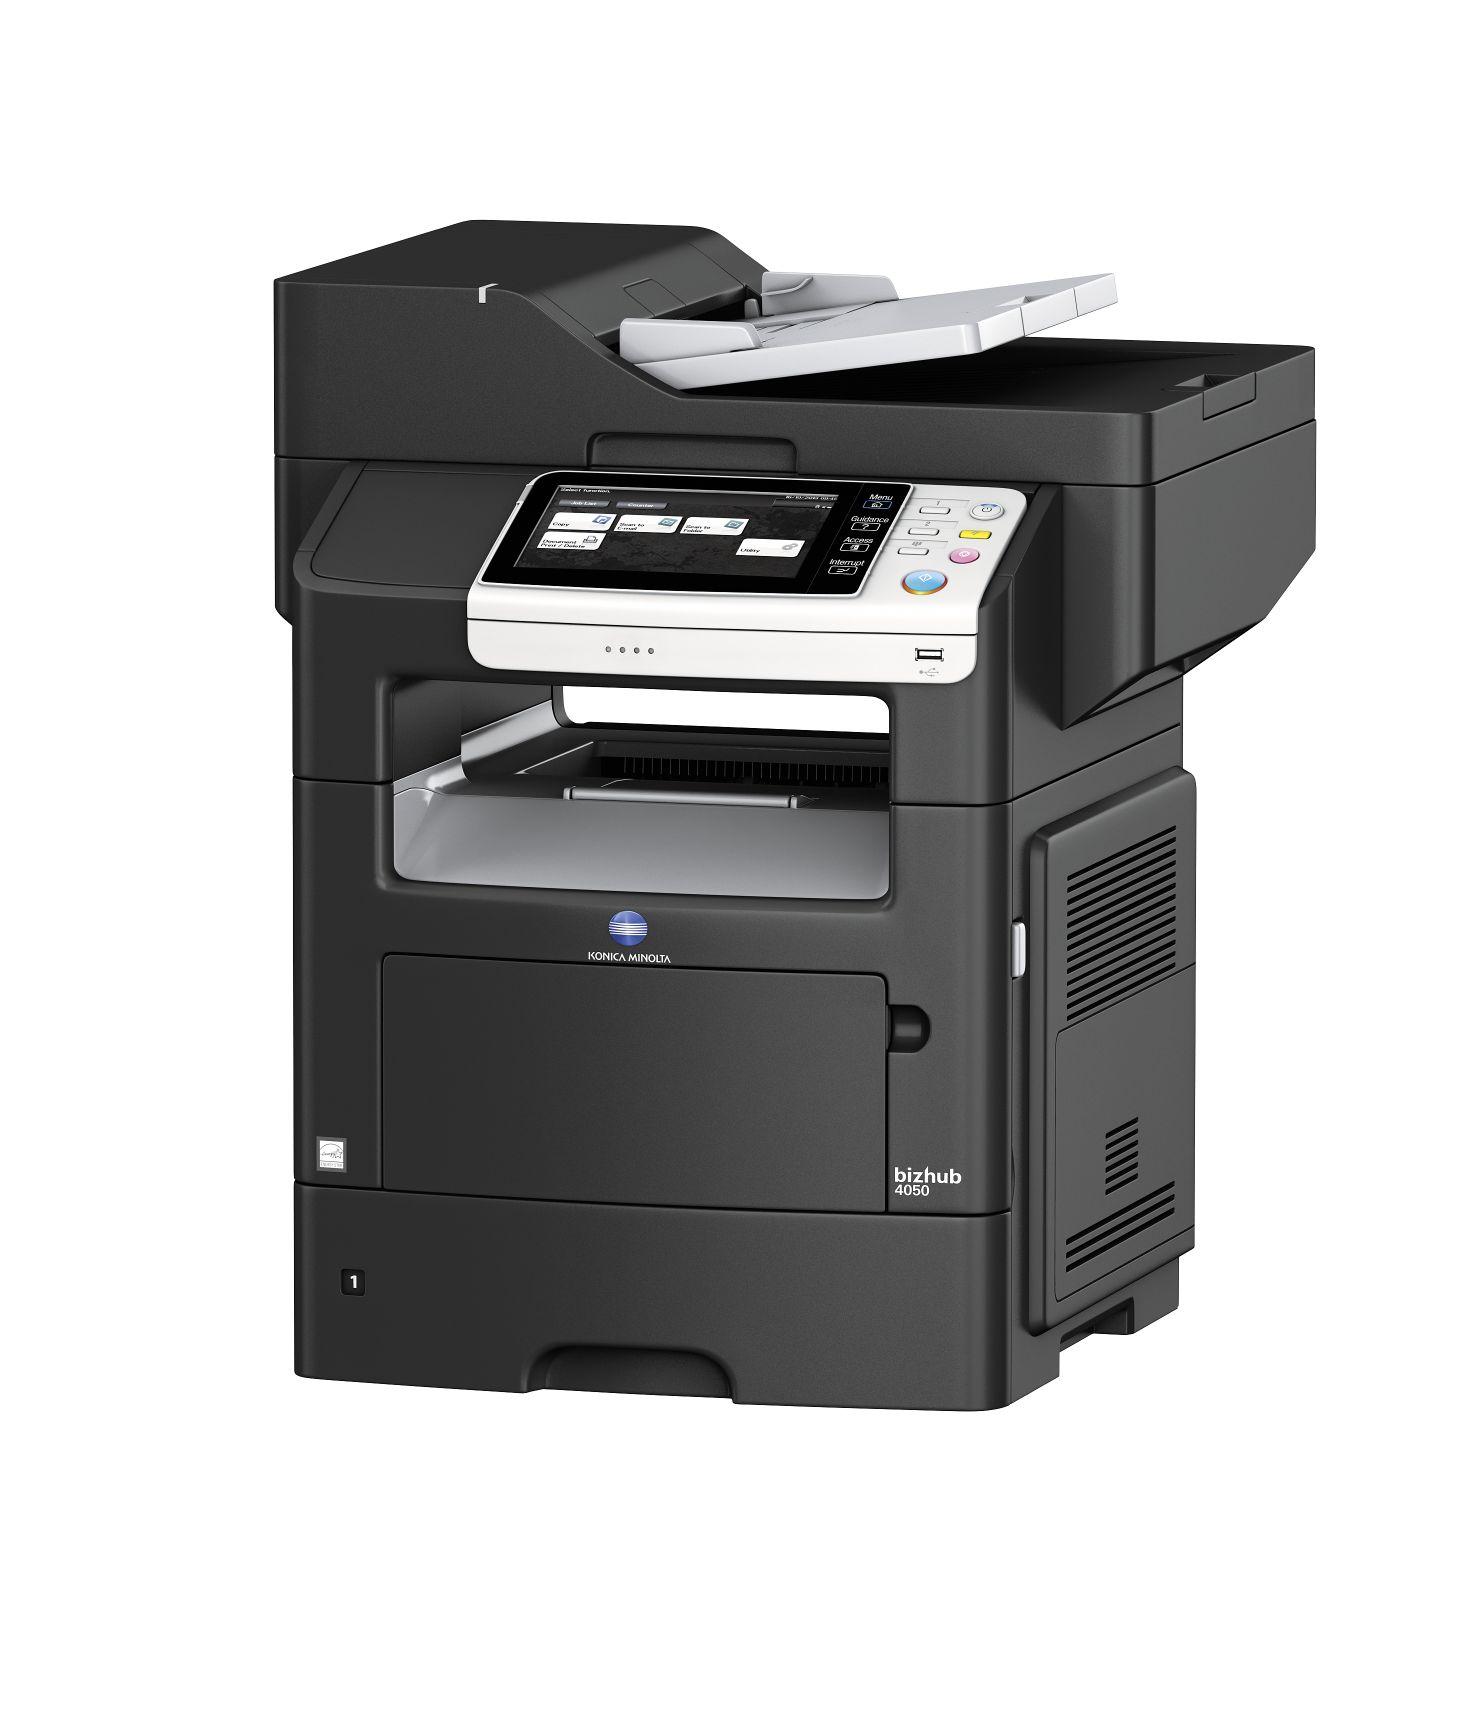 Bizhub 4050 Schwarzweiß Multifunktionsdrucker; Drucker kaufen